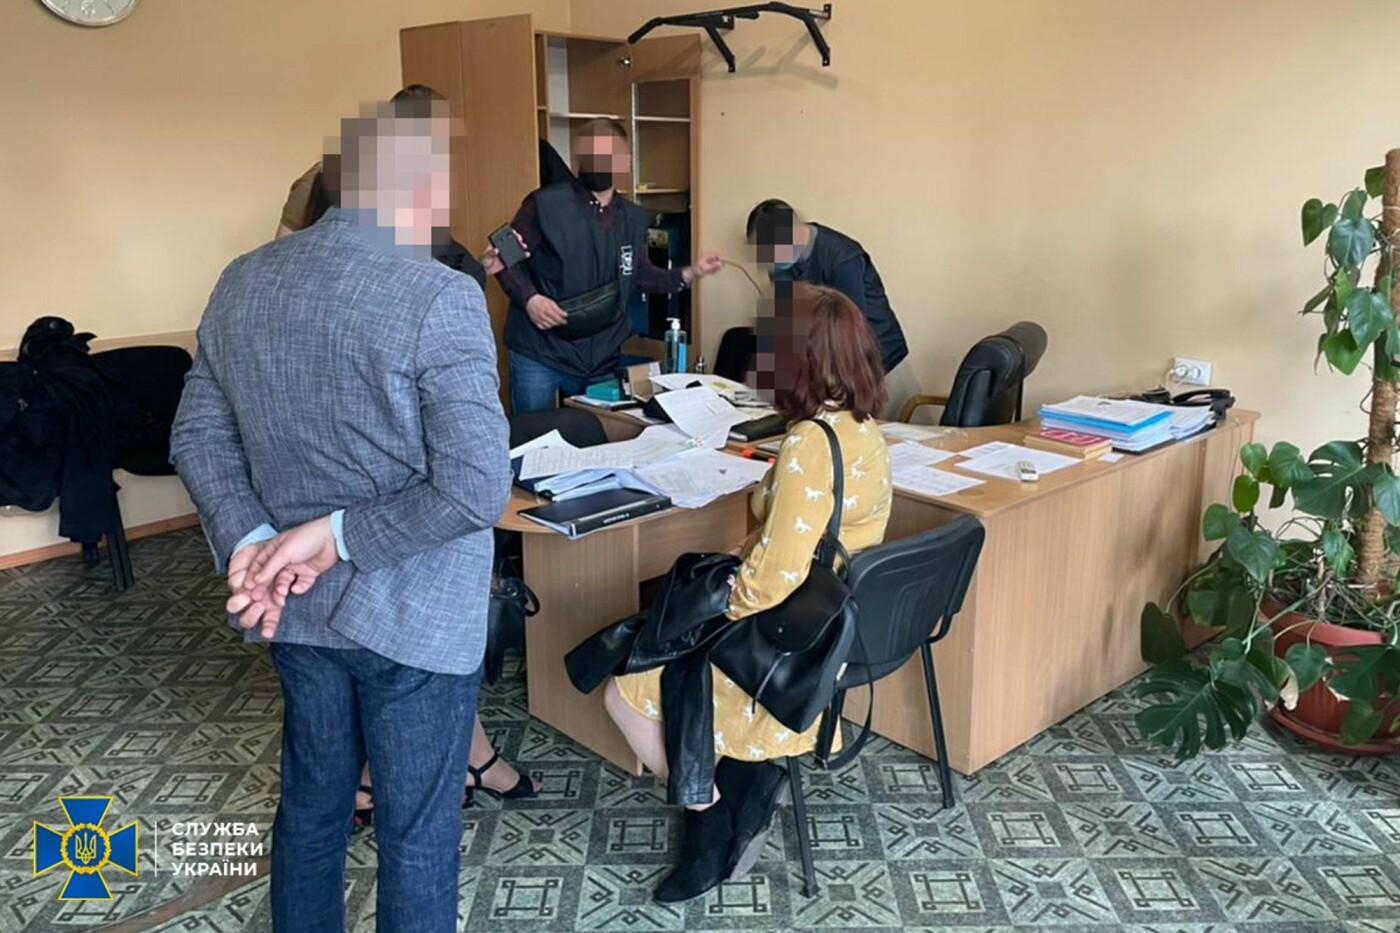 На Днепропетровщине полицейские распространяли наркотики, а потом шантажировали клиентов, фото-1